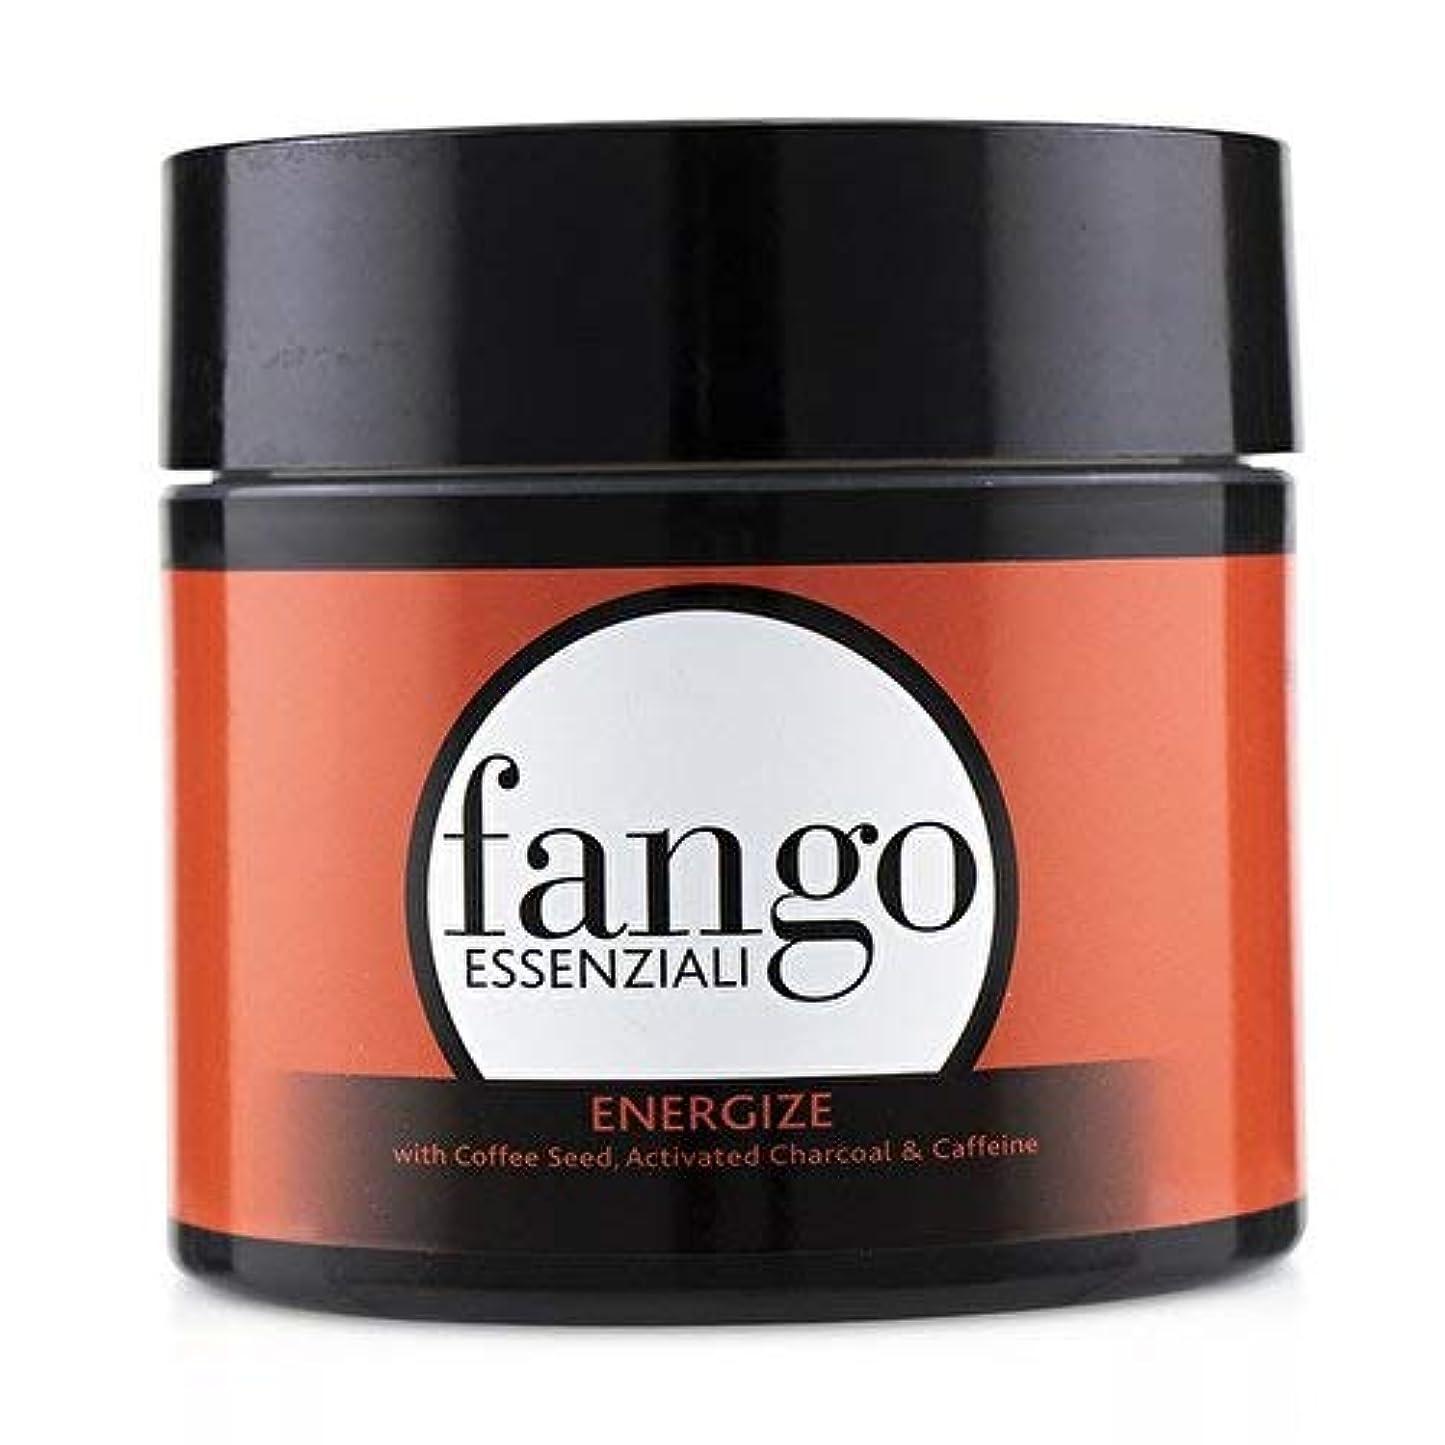 不適切な小学生行進ボルゲーゼ Fango Essenziali Energize Mud Mask with Coffee Seed, Activated Charcoal & Caffeine 198g/7oz並行輸入品